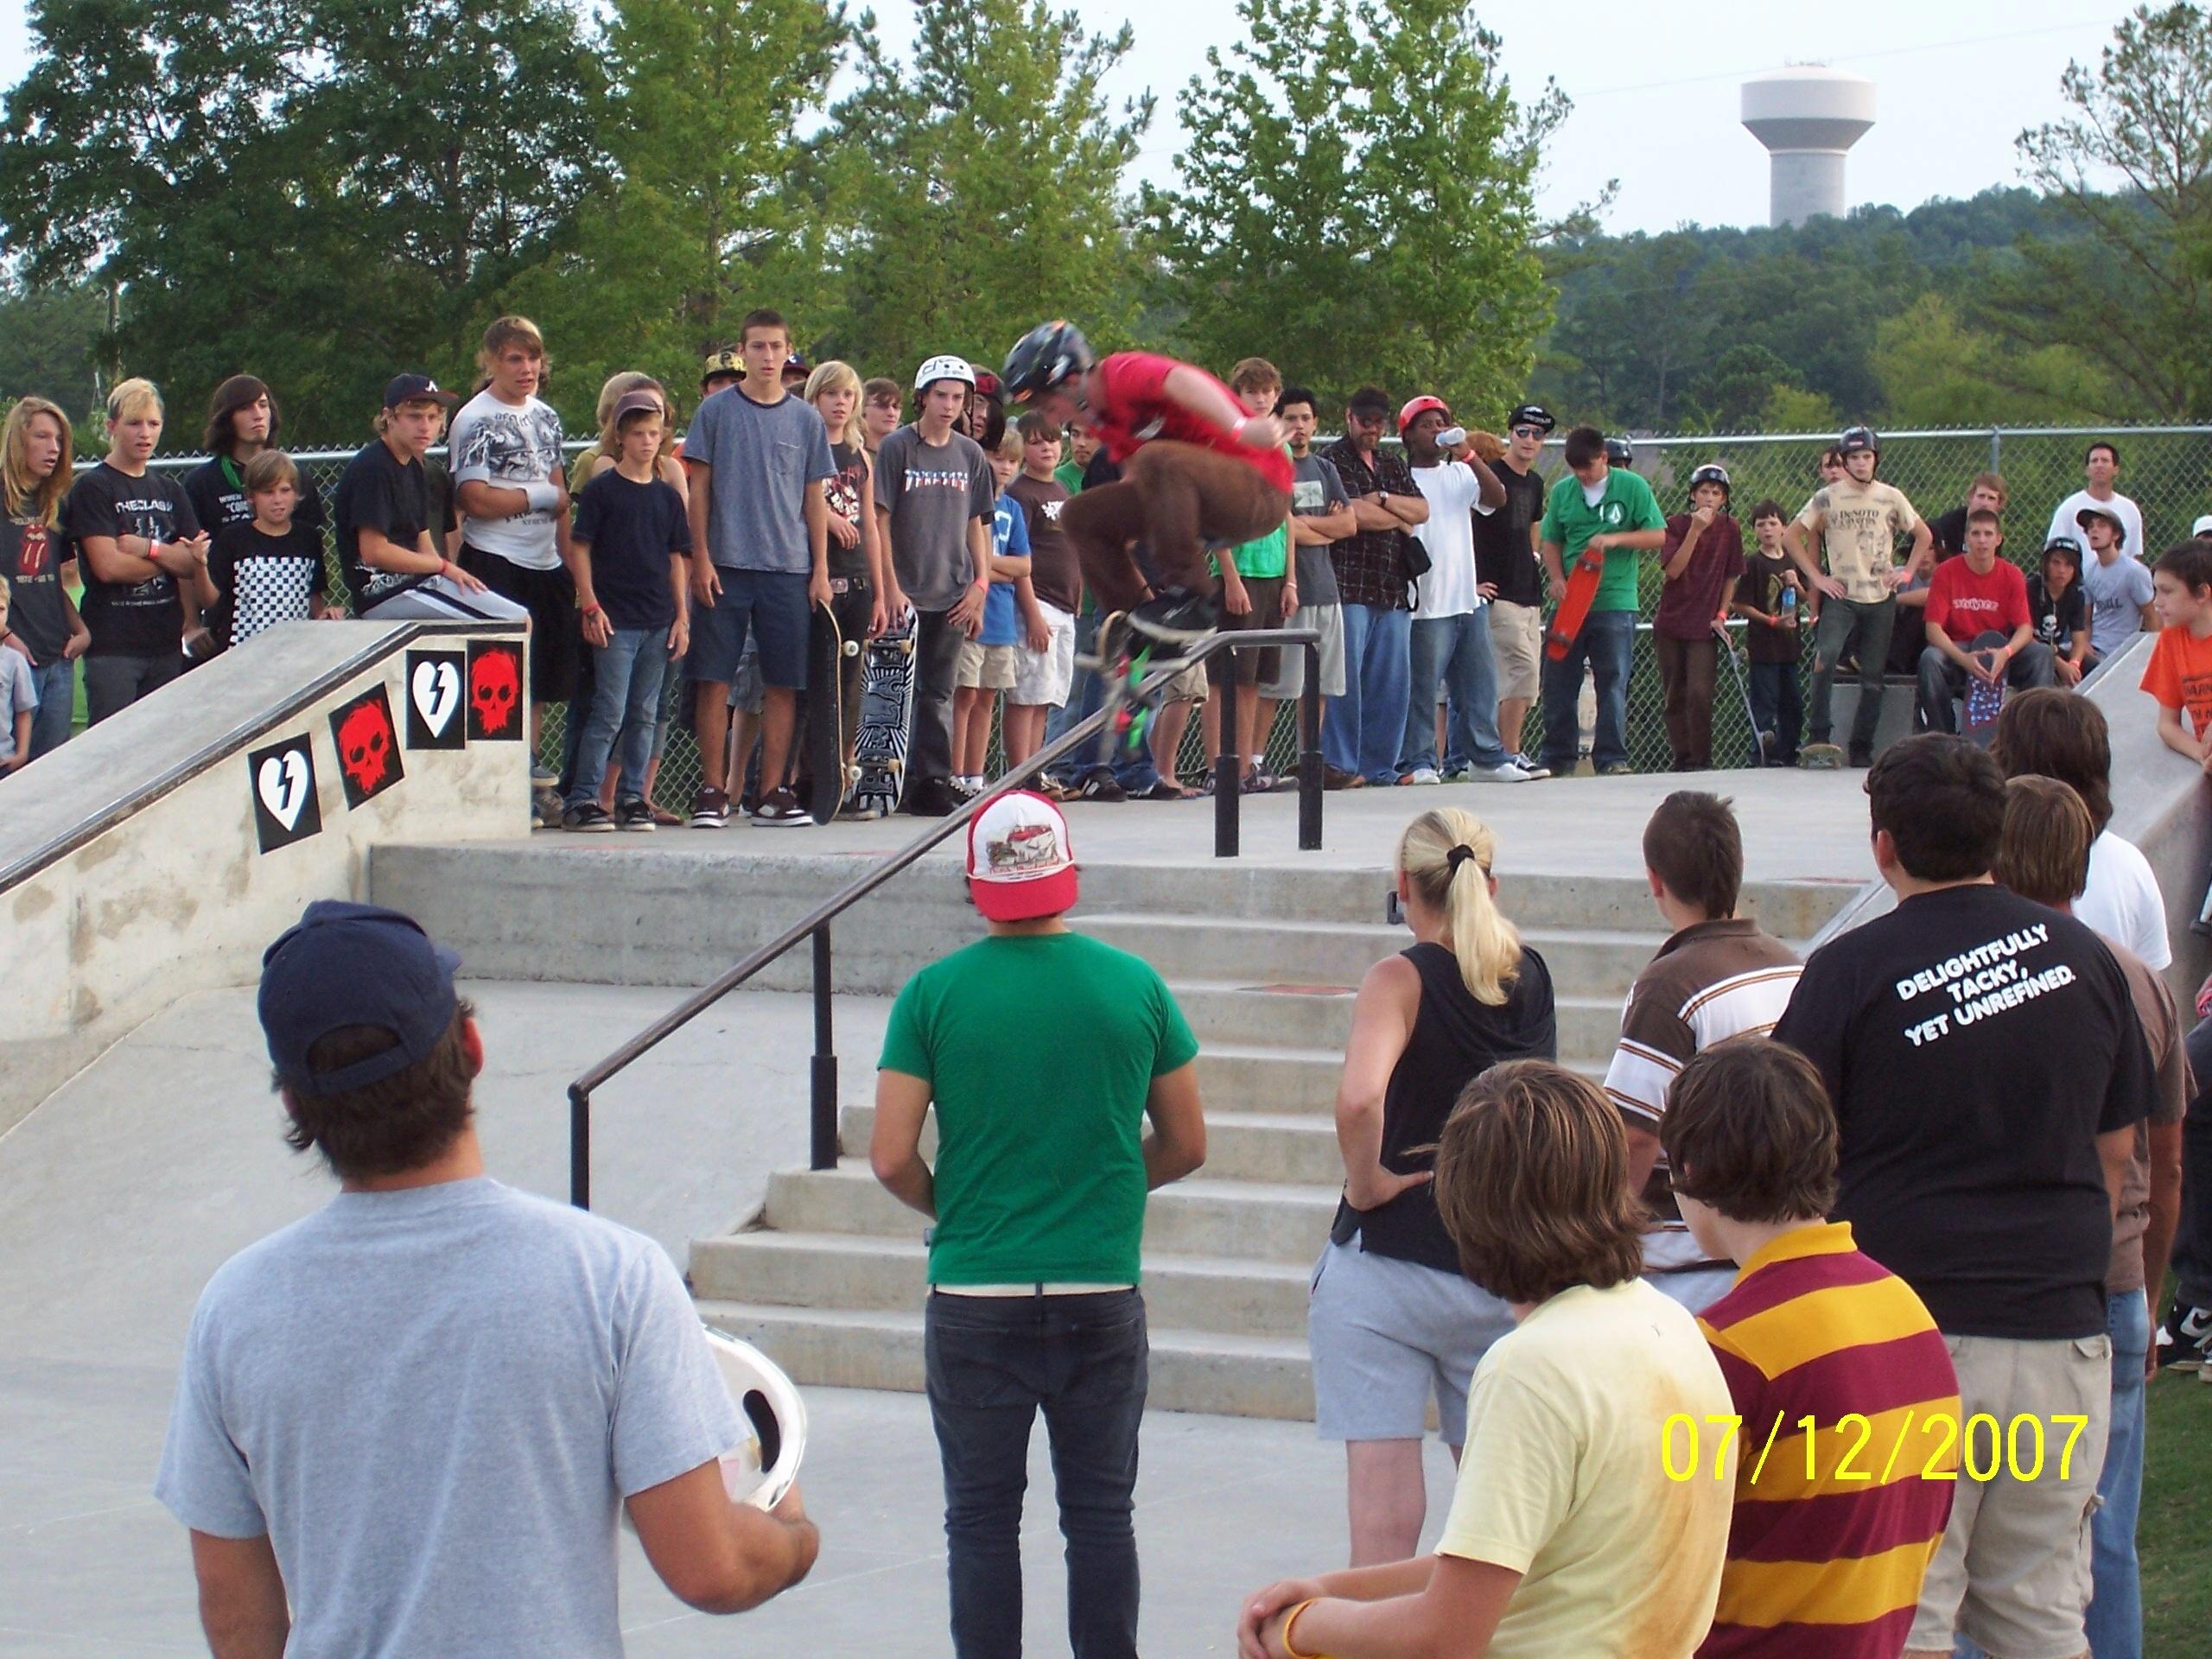 Veterans Skate Park